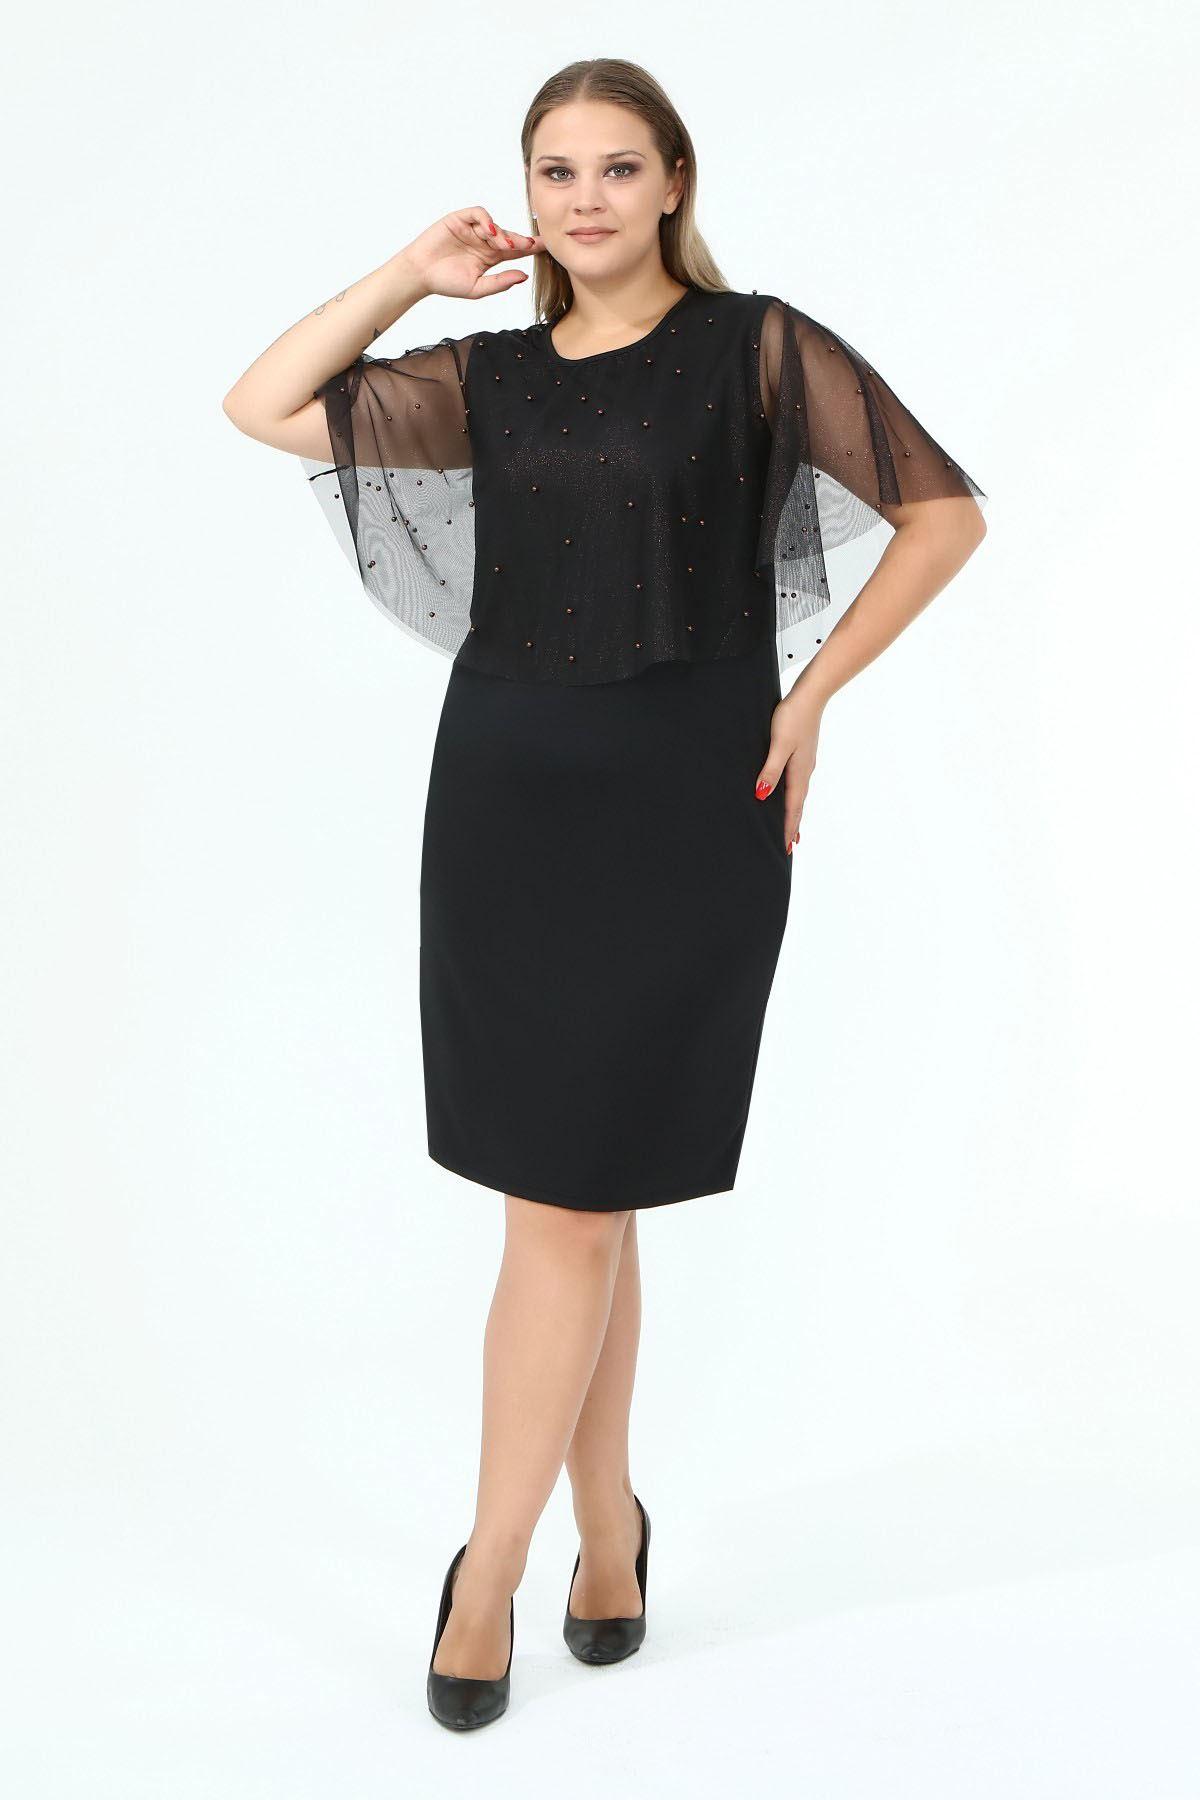 İncili Şallı Büyük Beden Elbise 18C-1849